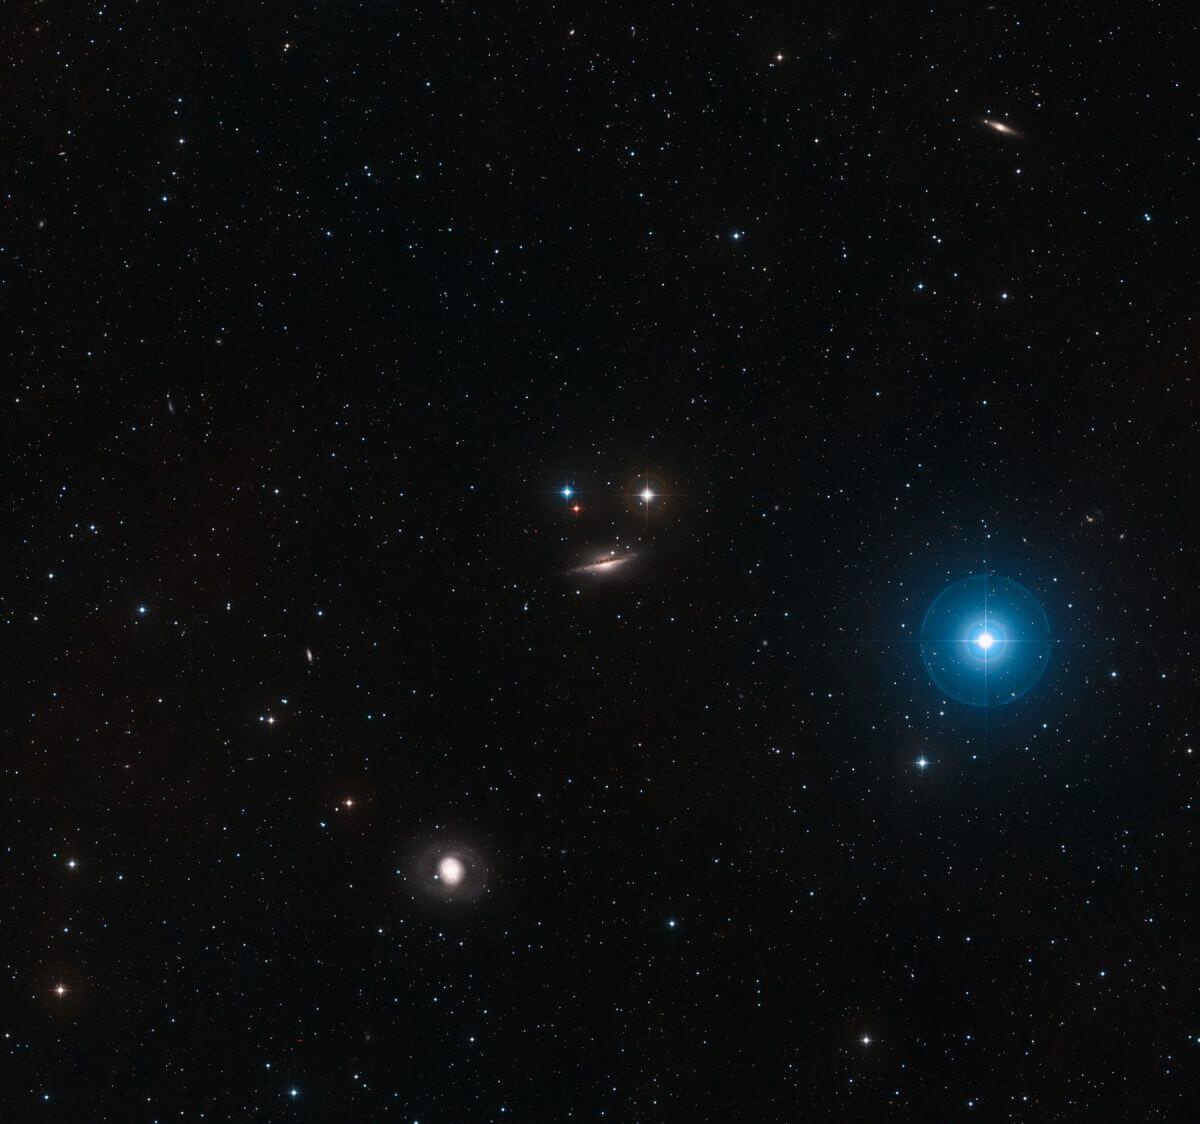 渦巻銀河NGC 1055(中央)と周辺の様子(トリミング加工済み、元の画像はこちら)。渦巻銀河M77(NGC 1068)は左下に見えている(Credit: ESO/Digitized Sky Survey 2, Acknowledgement: Davide De Martin)